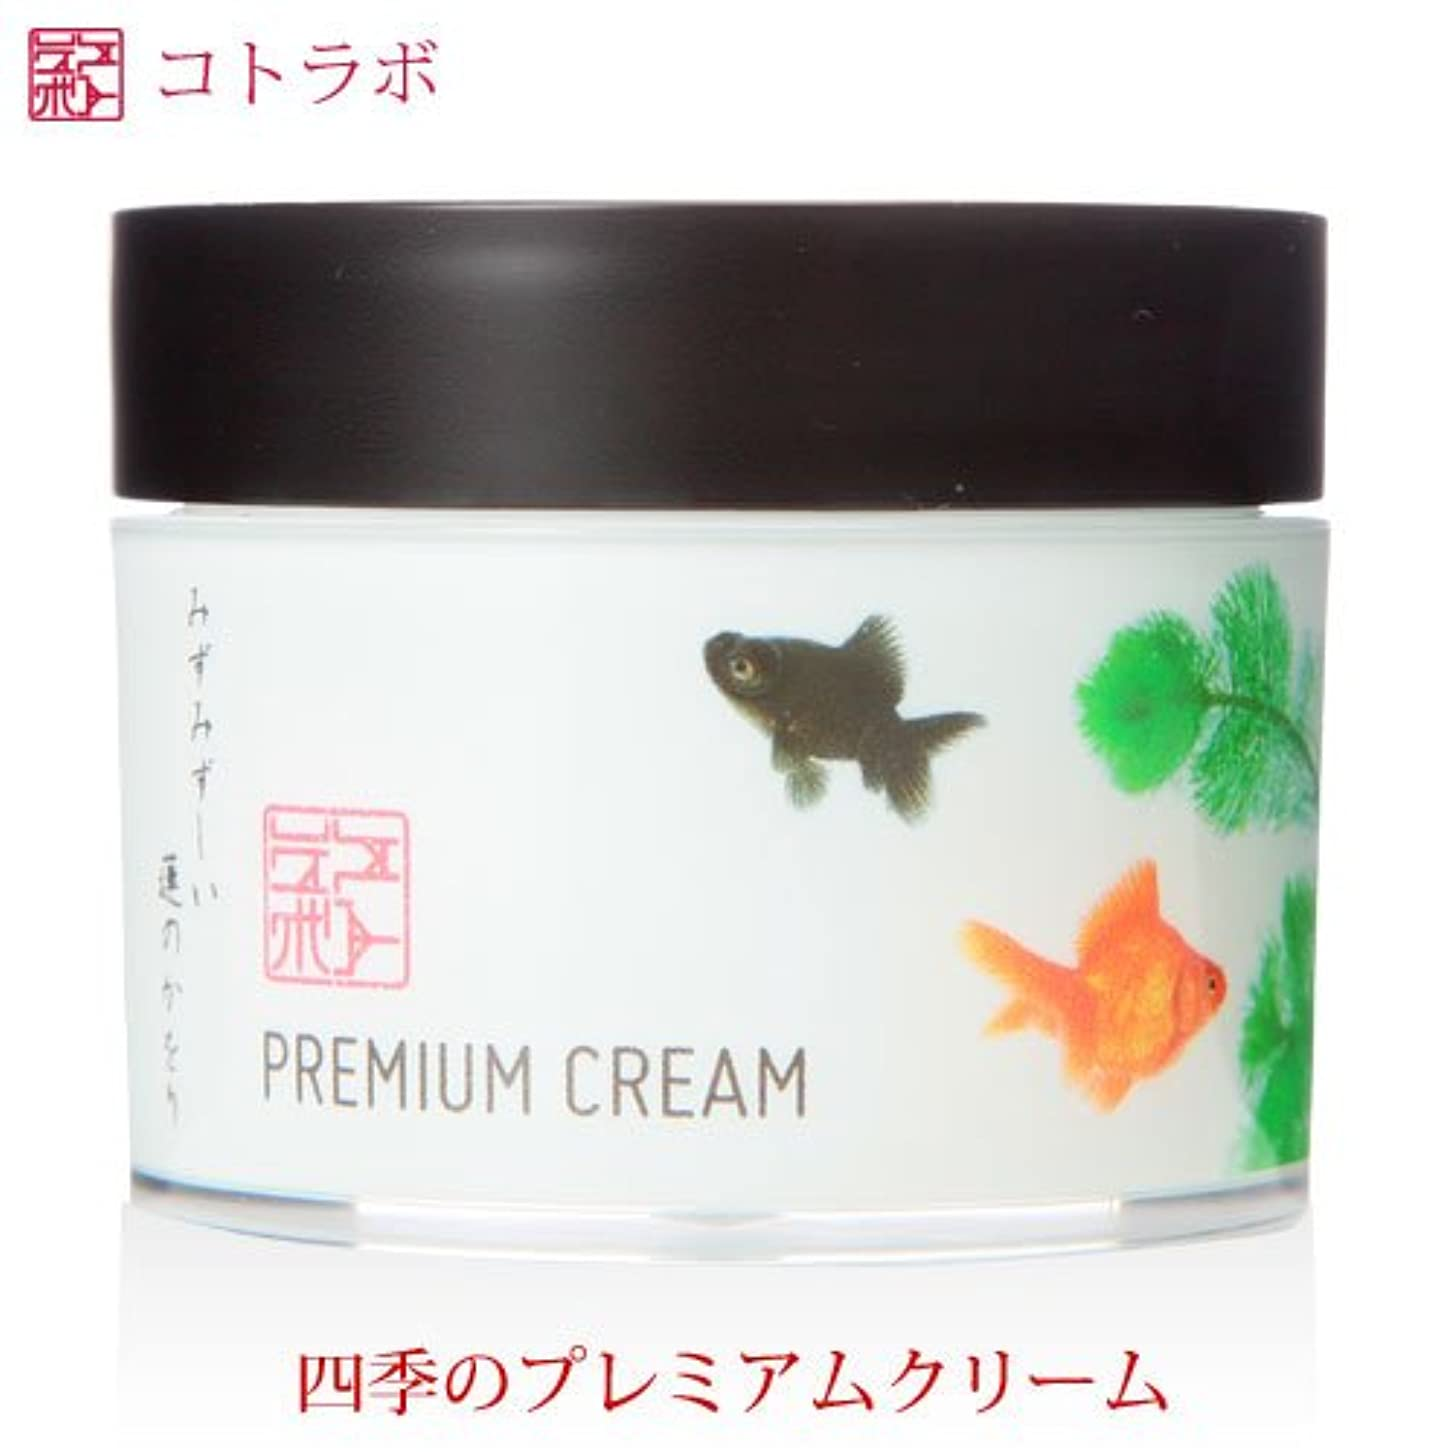 ネブスロープ日常的にコトラボ 四季のプレミアムクリーム夏蓮の香り50g